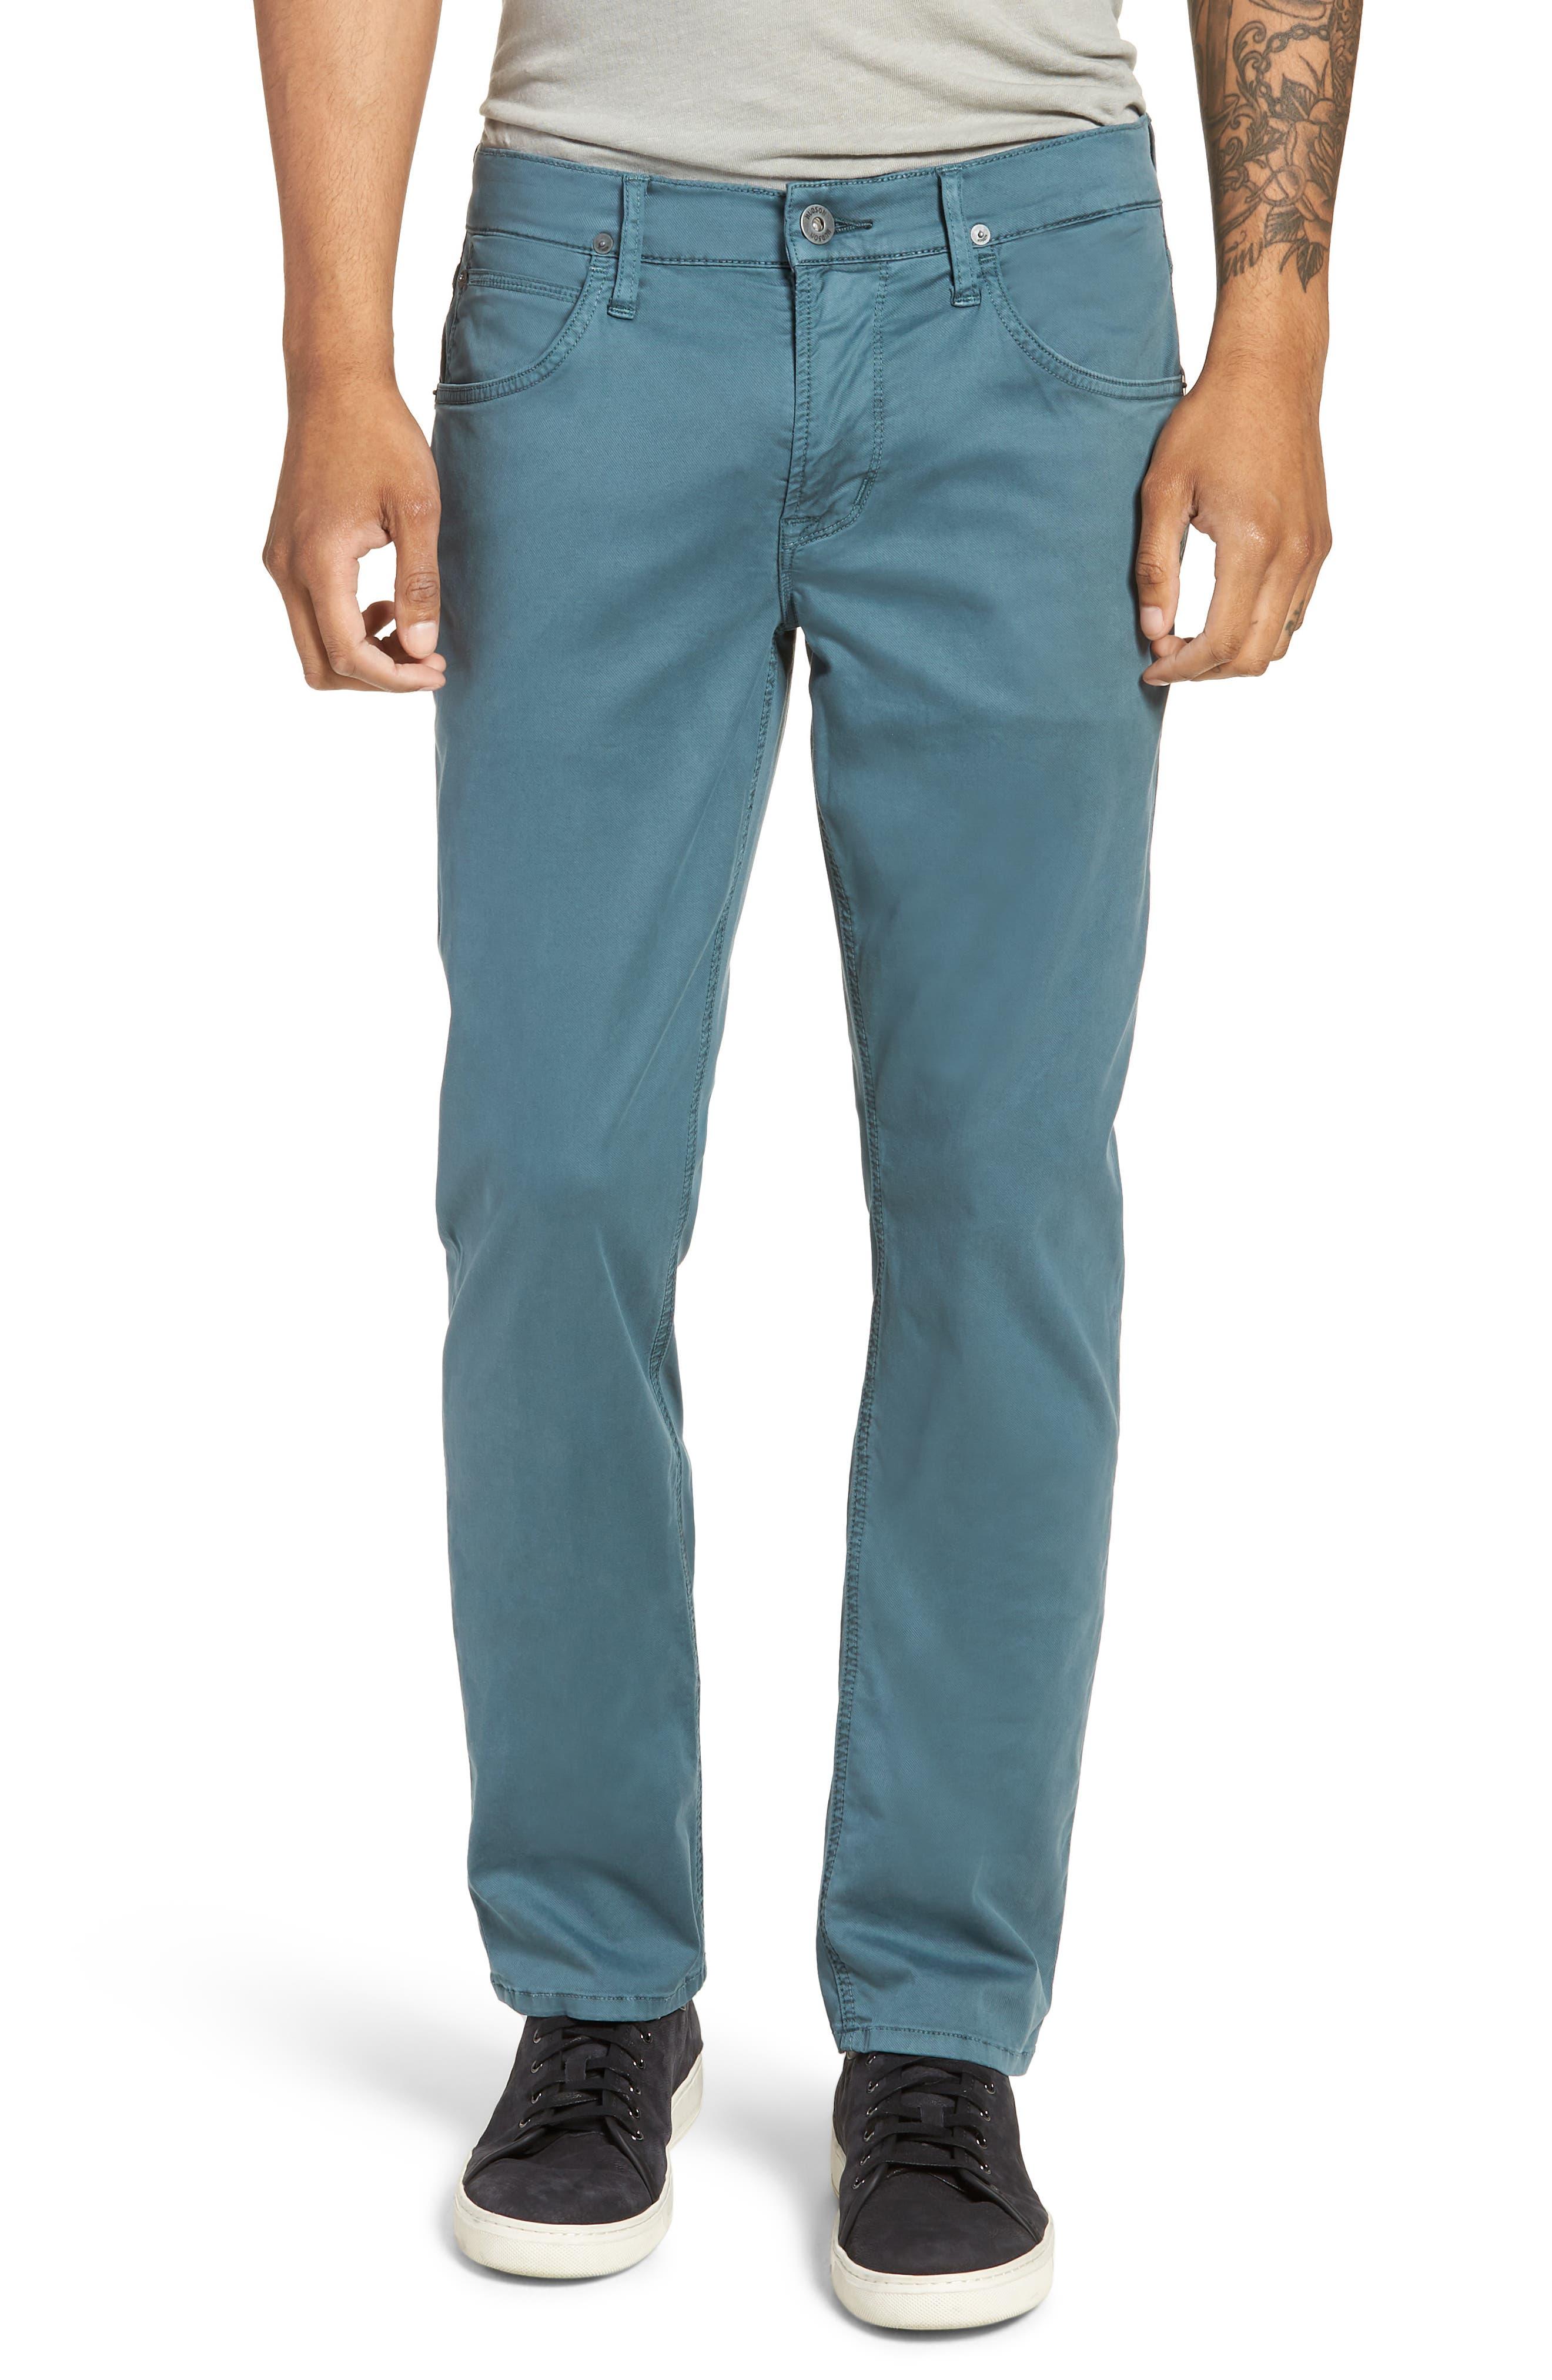 Blake Slim Fit Jeans,                         Main,                         color, 497